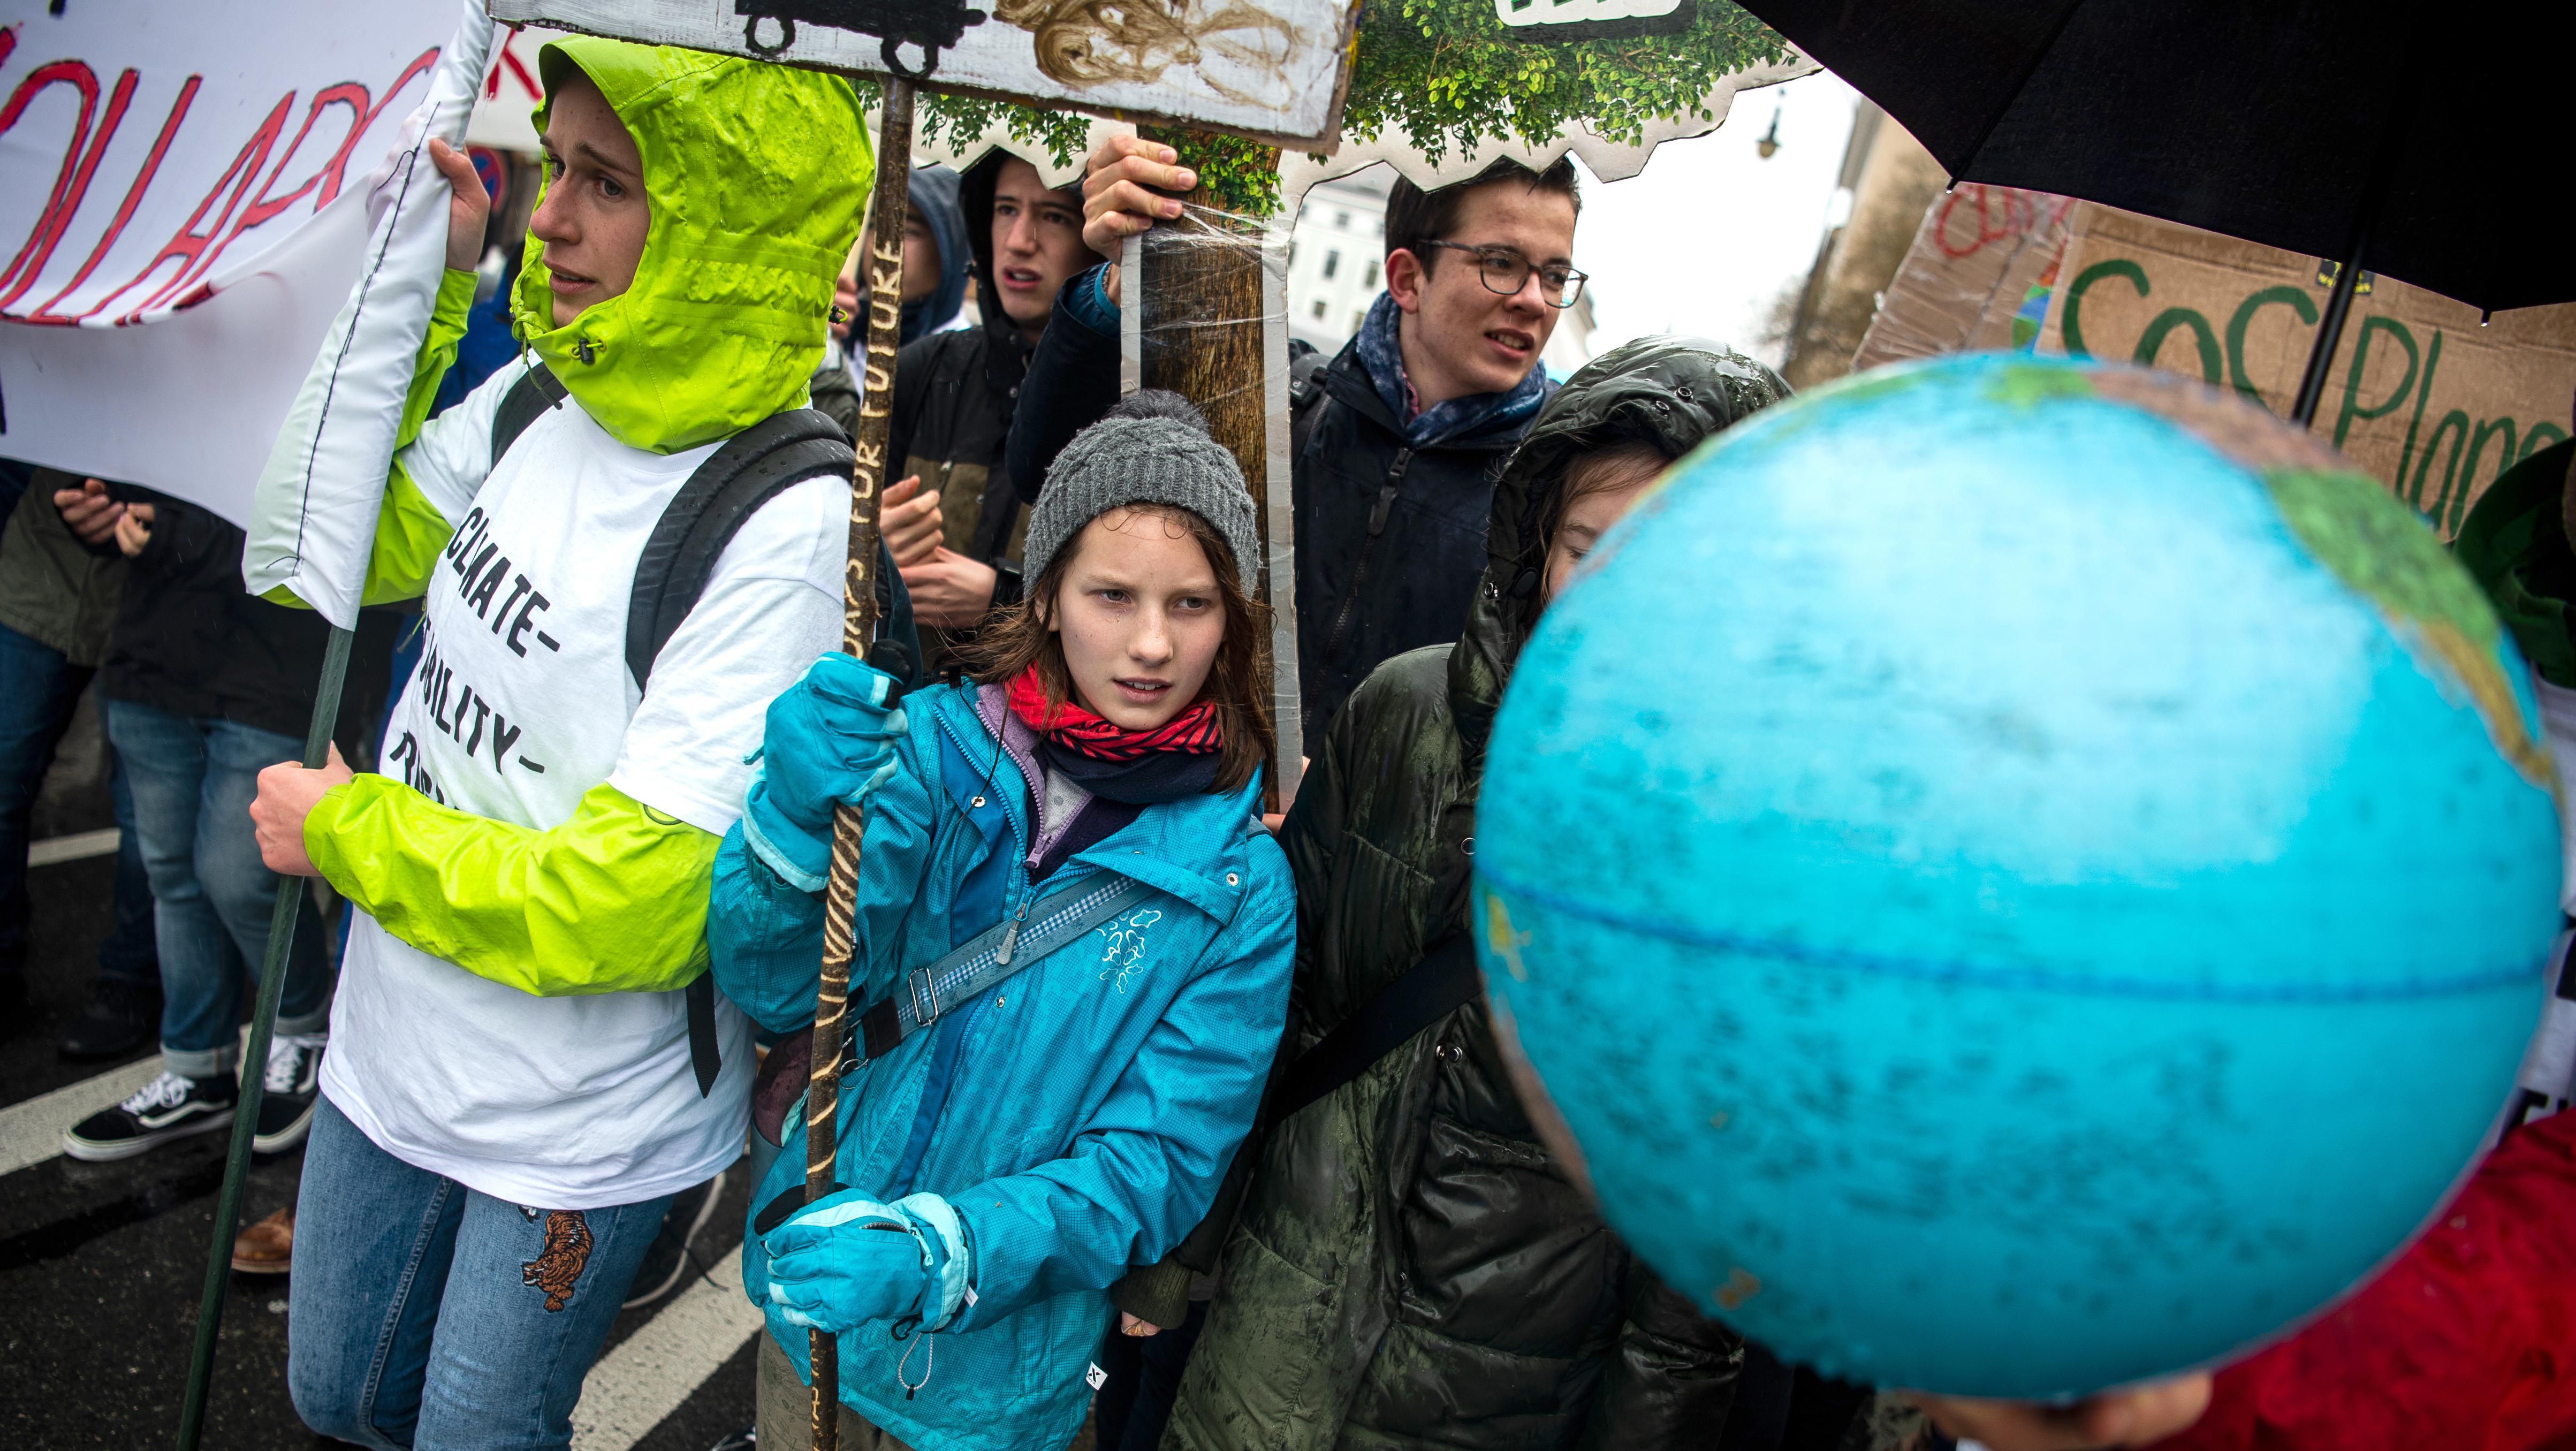 """Schüler beteiligen sich an der """"Fridays for Future""""-Klimademonstration, sie tragen Transparente und eine Weltkugel"""